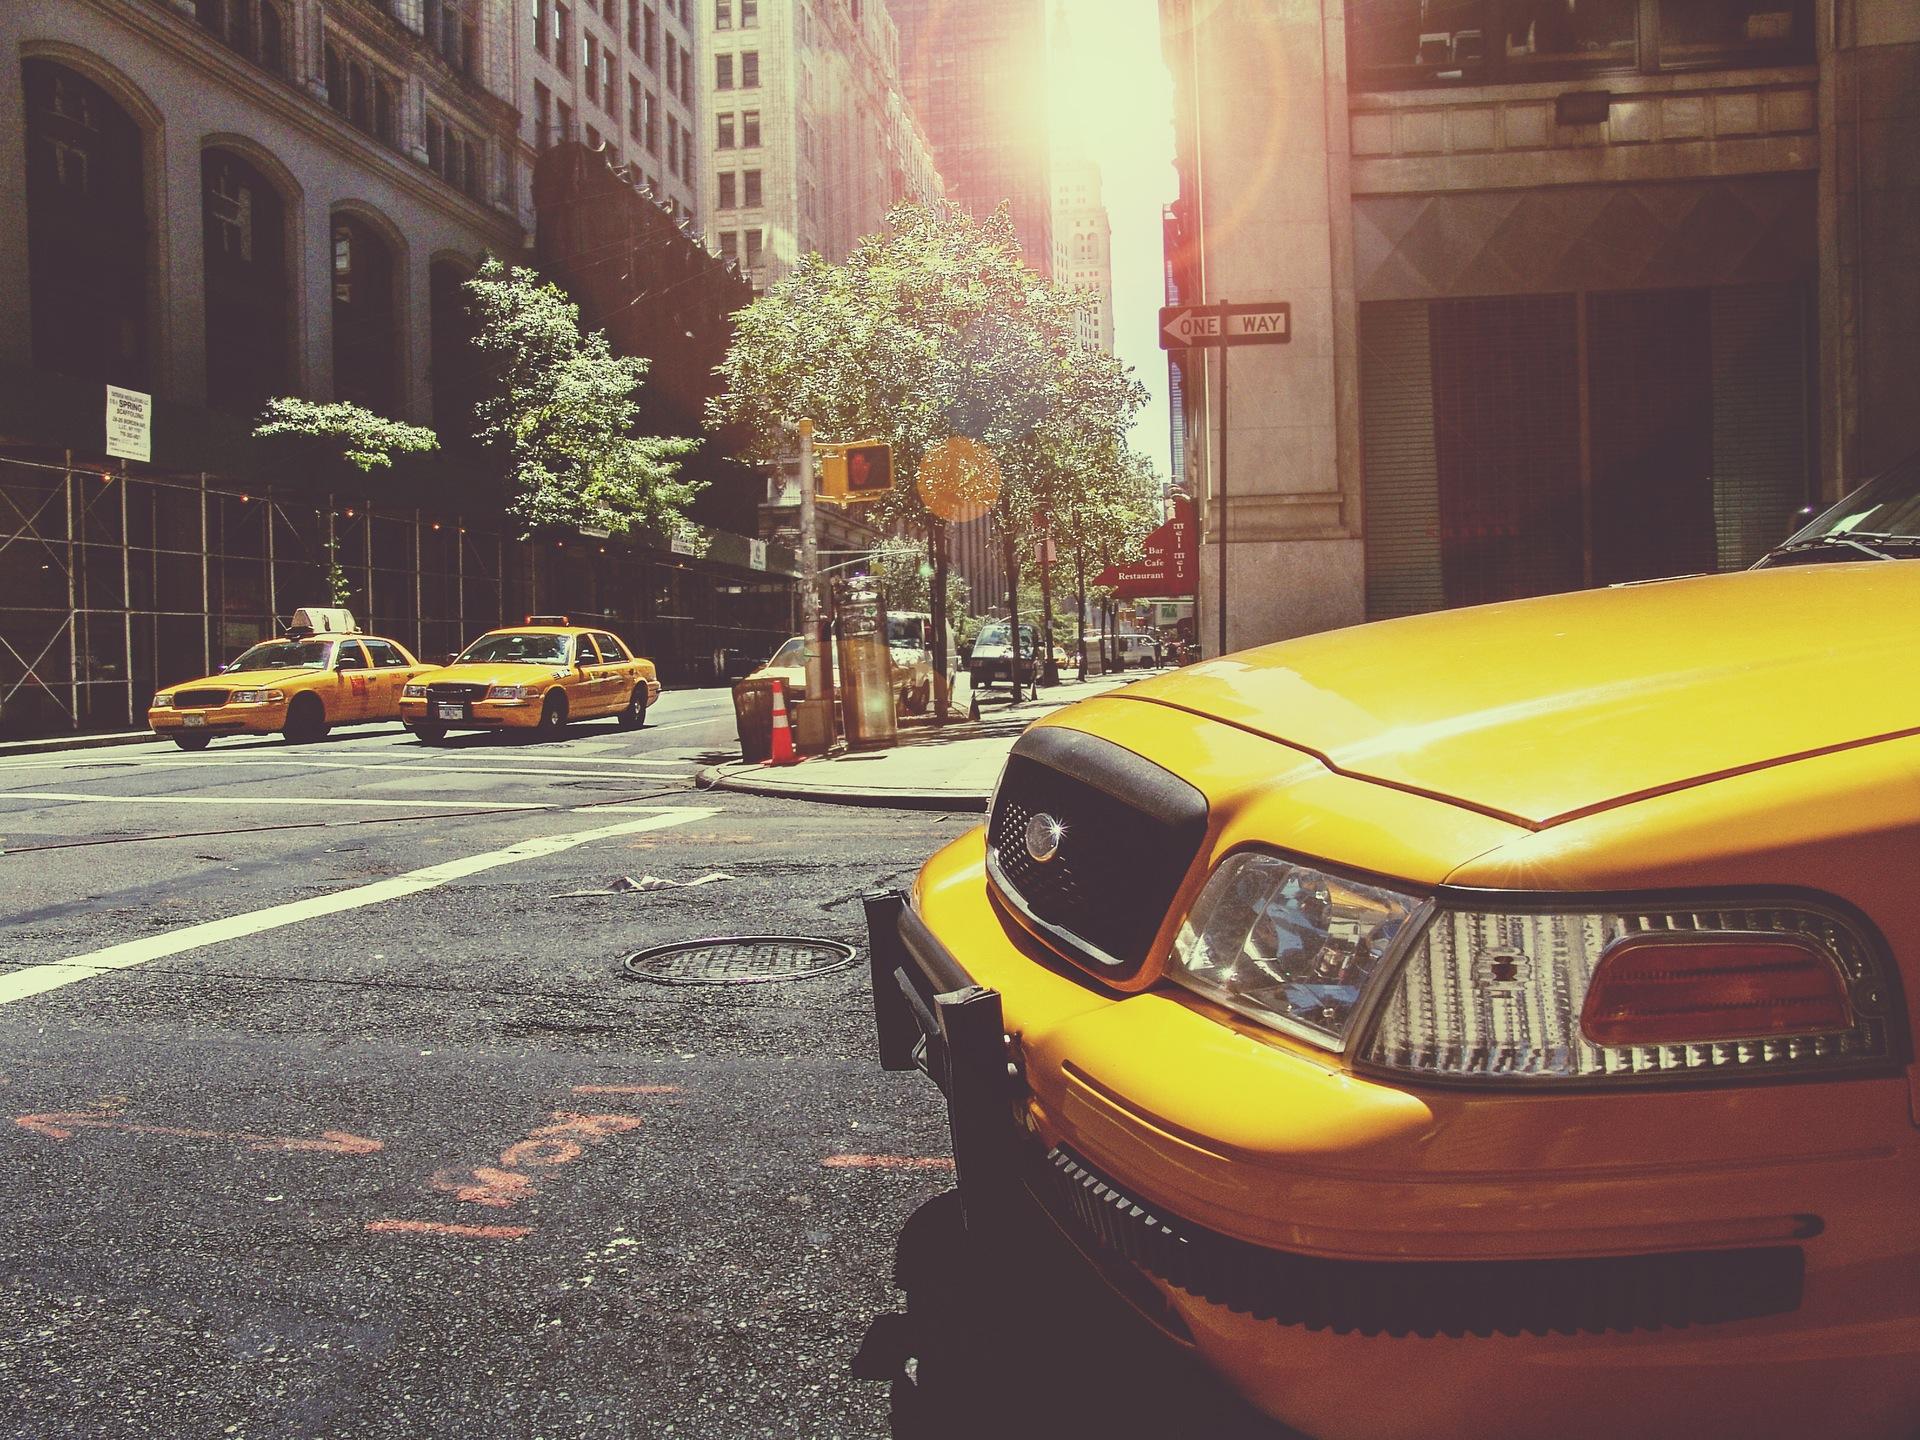 taxi, New york, voiture, Rue, Ville, Jaune - Fonds d'écran HD - Professor-falken.com